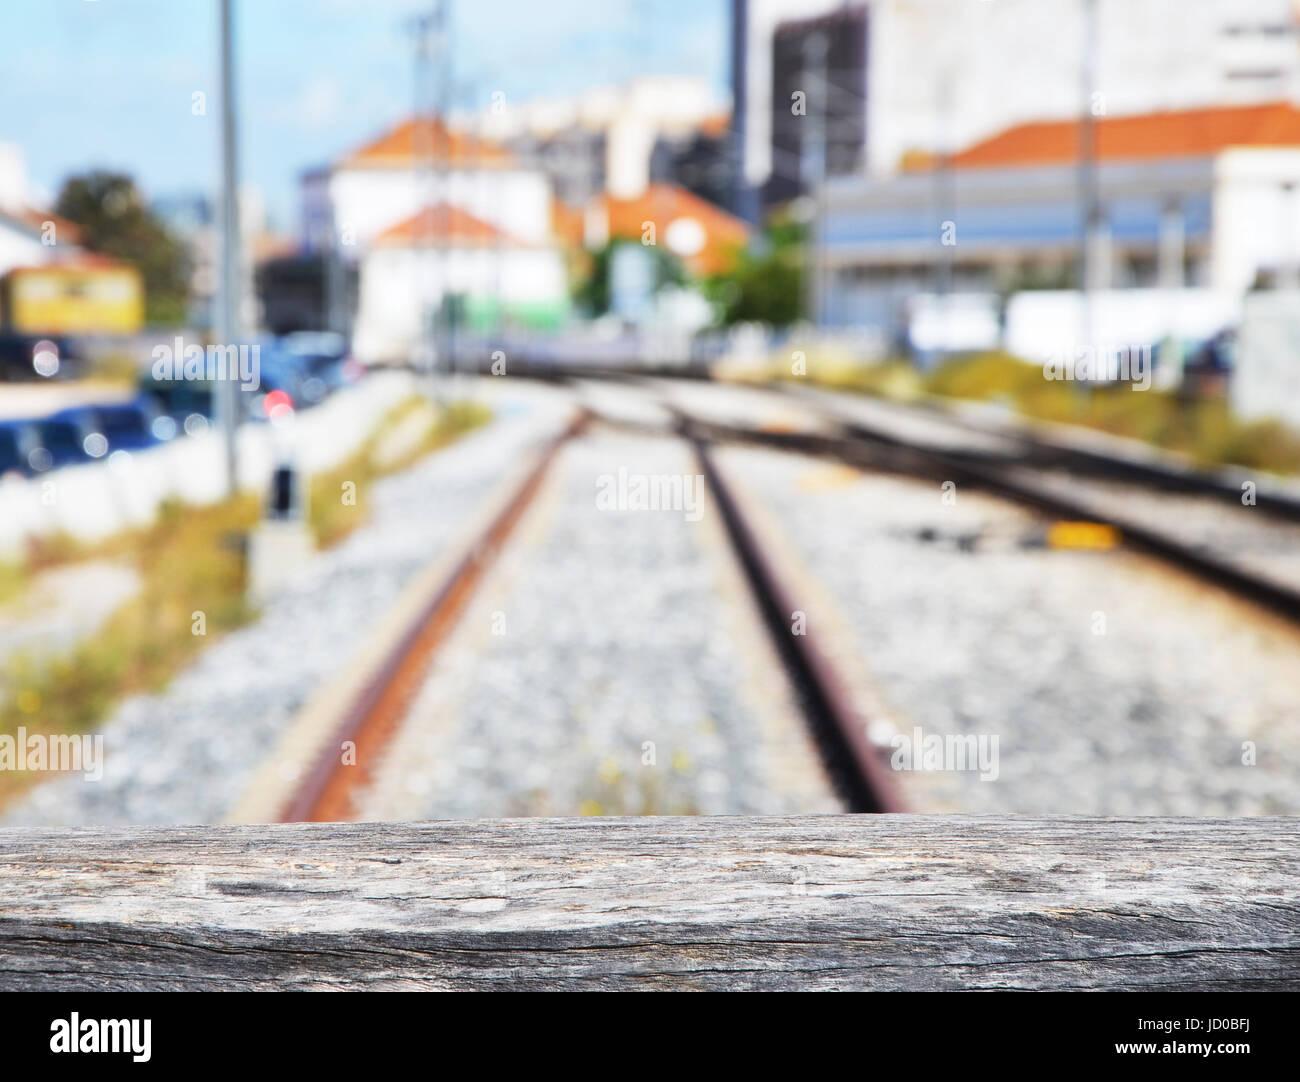 La parte superior del tope de madera y los rieles de ferrocarril en fondo difuminado intencionadamente, Faro, Algarve, Foto de stock